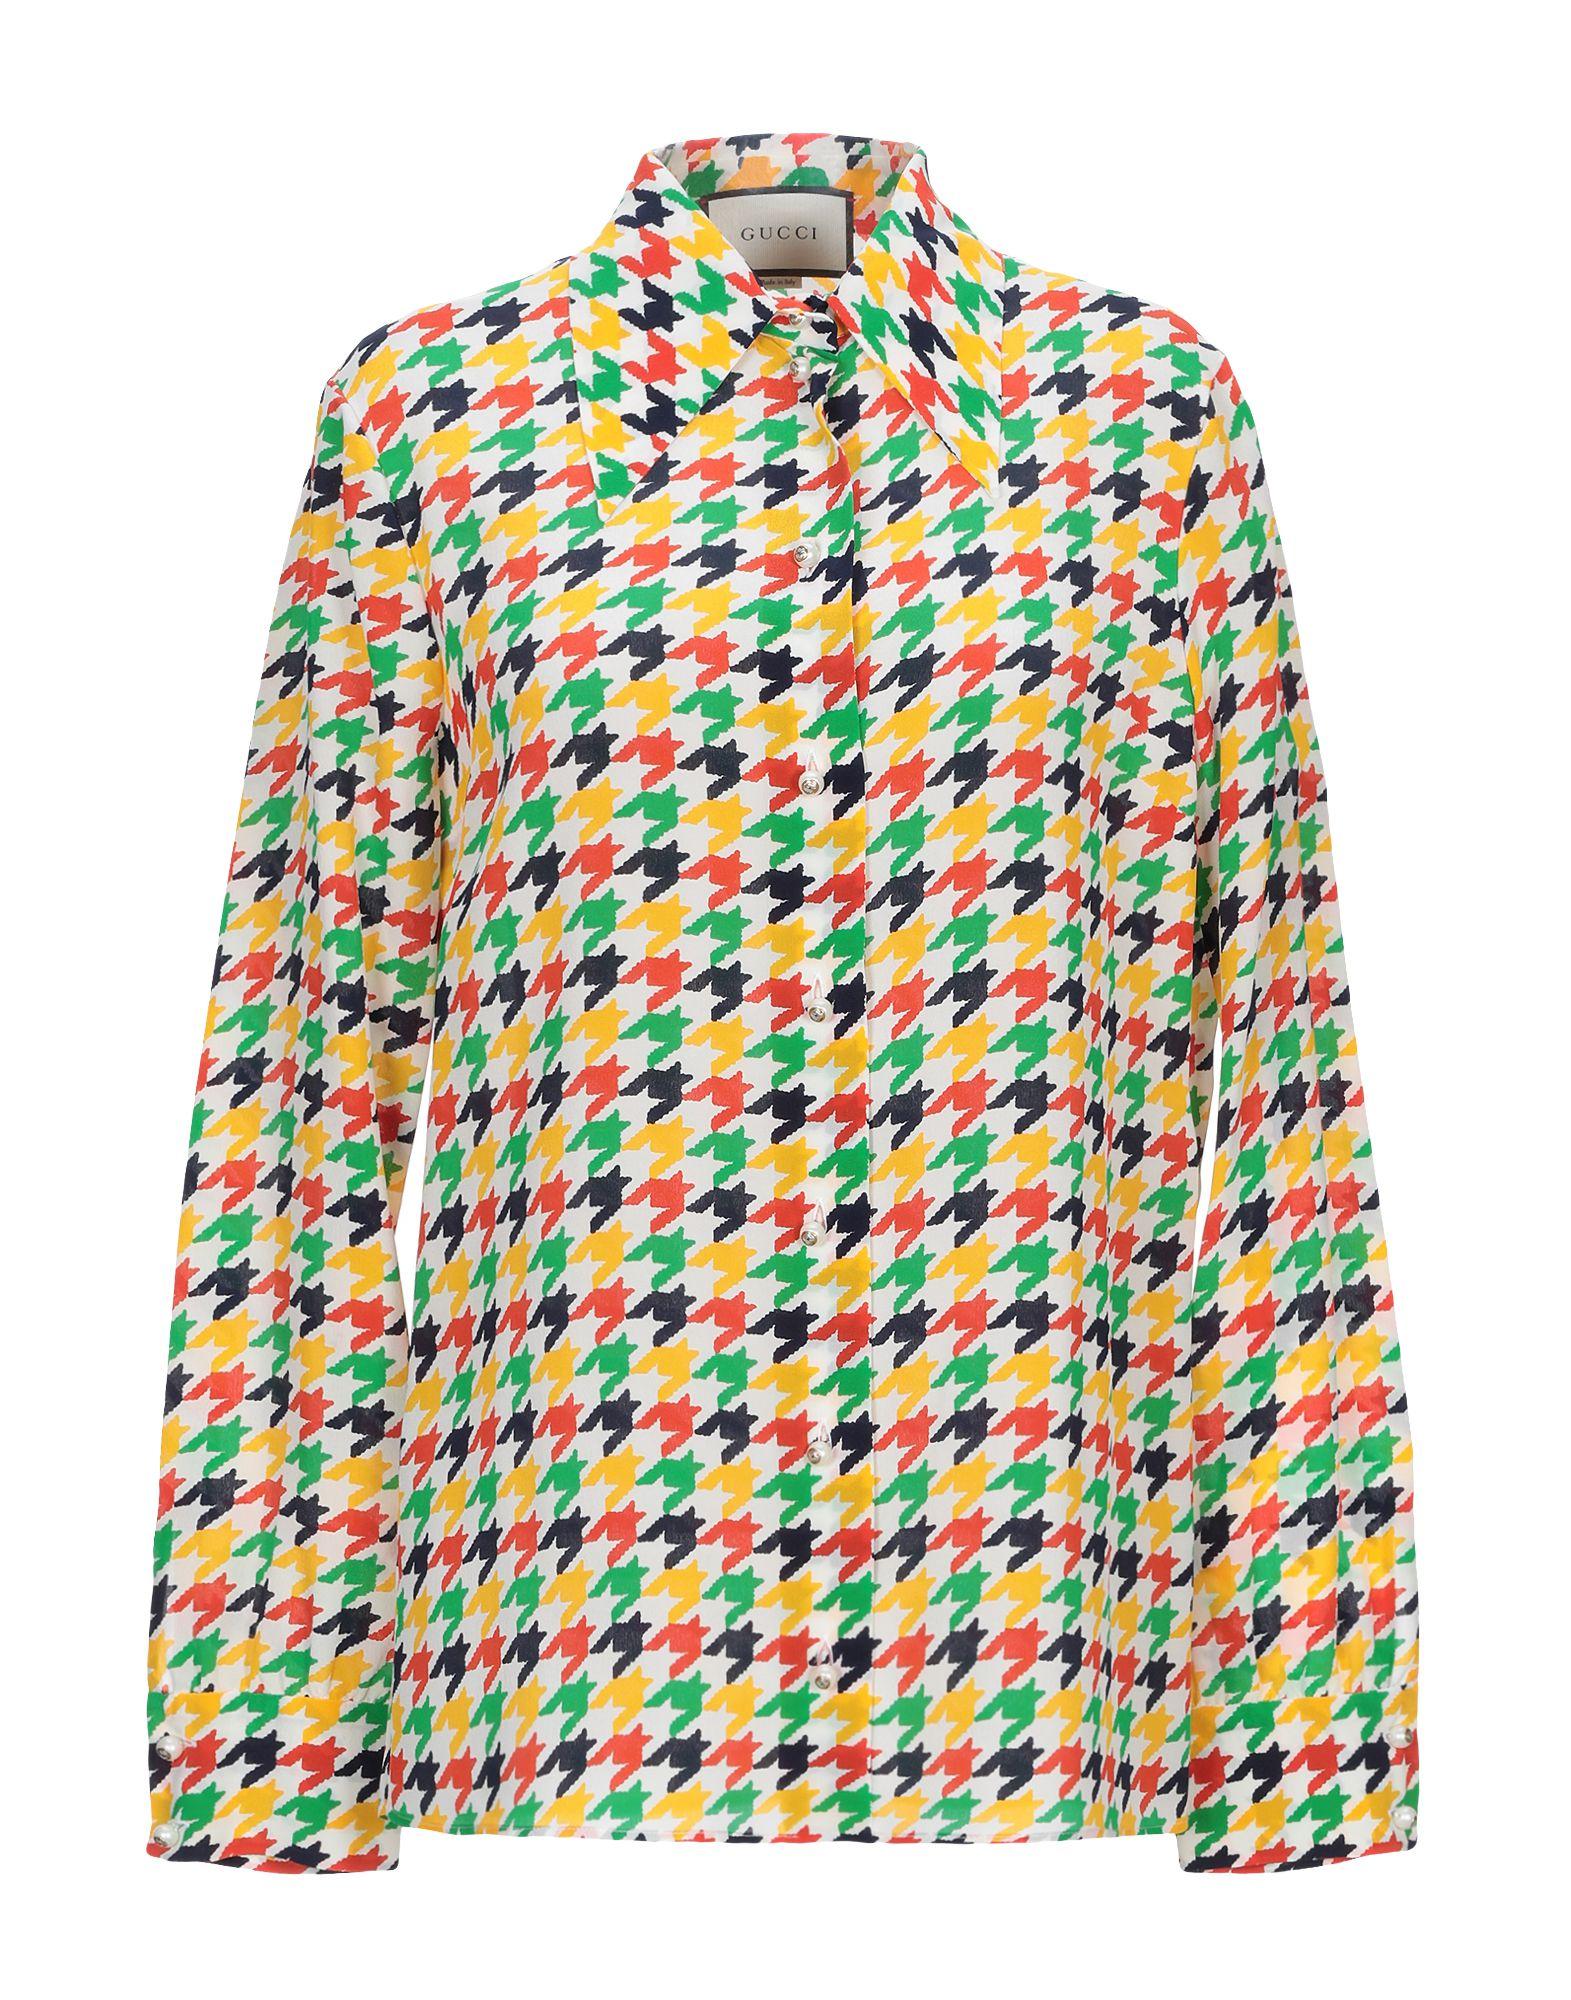 4c22d8ea Gucci Patterned Shirts & Blouses - Women Gucci Patterned Shirts & Blouses  online on YOOX United States - 38831117AL